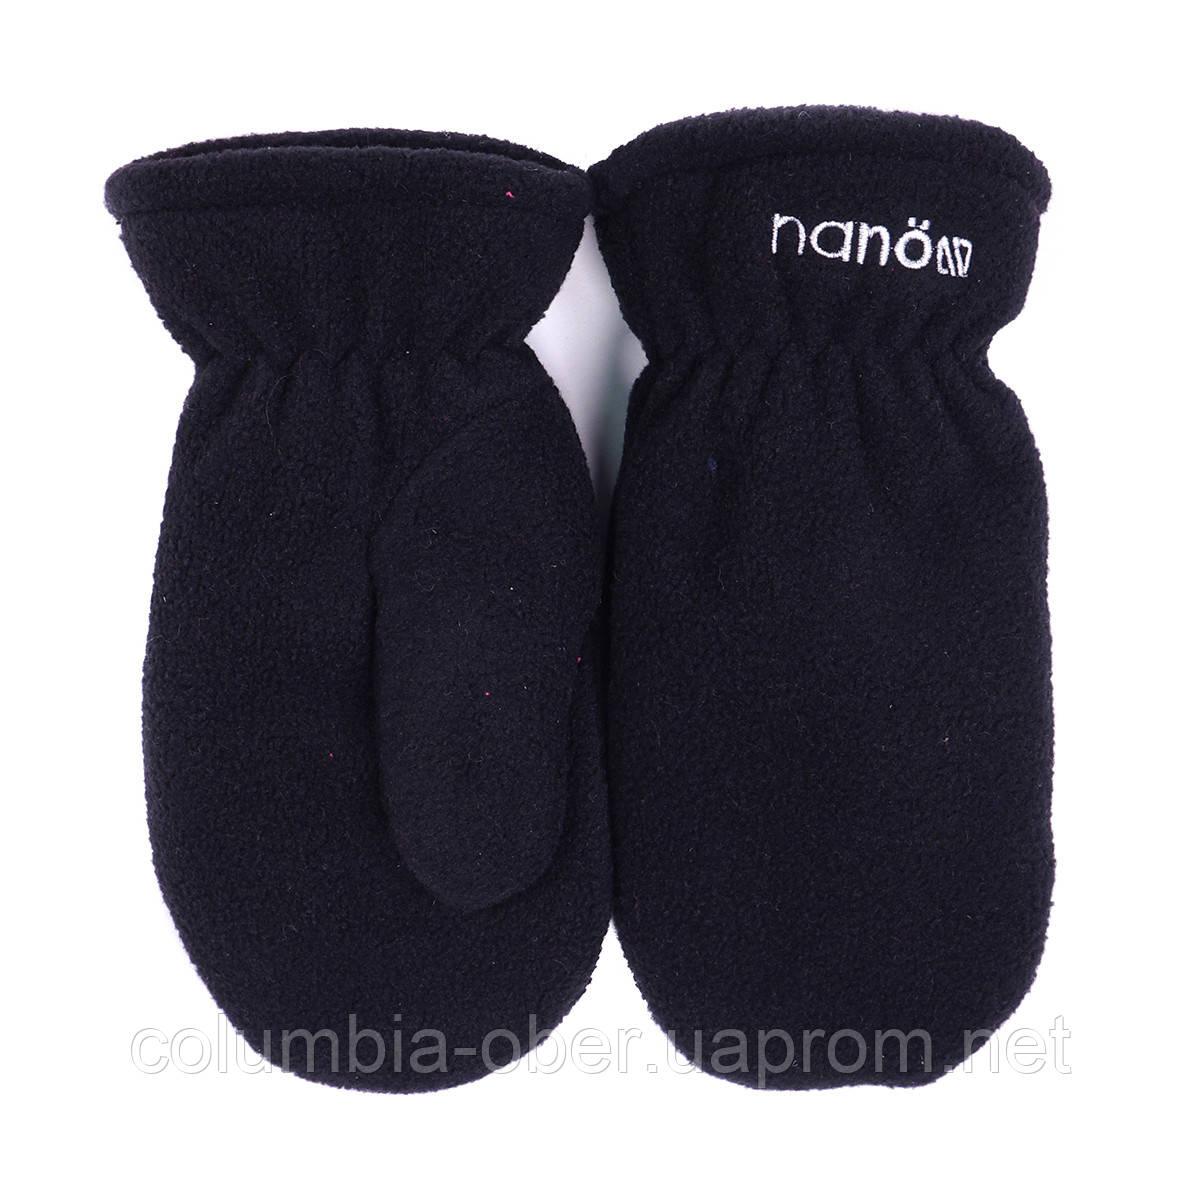 Зимние флисовые рукавицы для мальчика Nano 500 MITP F16 Black. Размер 12/24 мес -10/12.